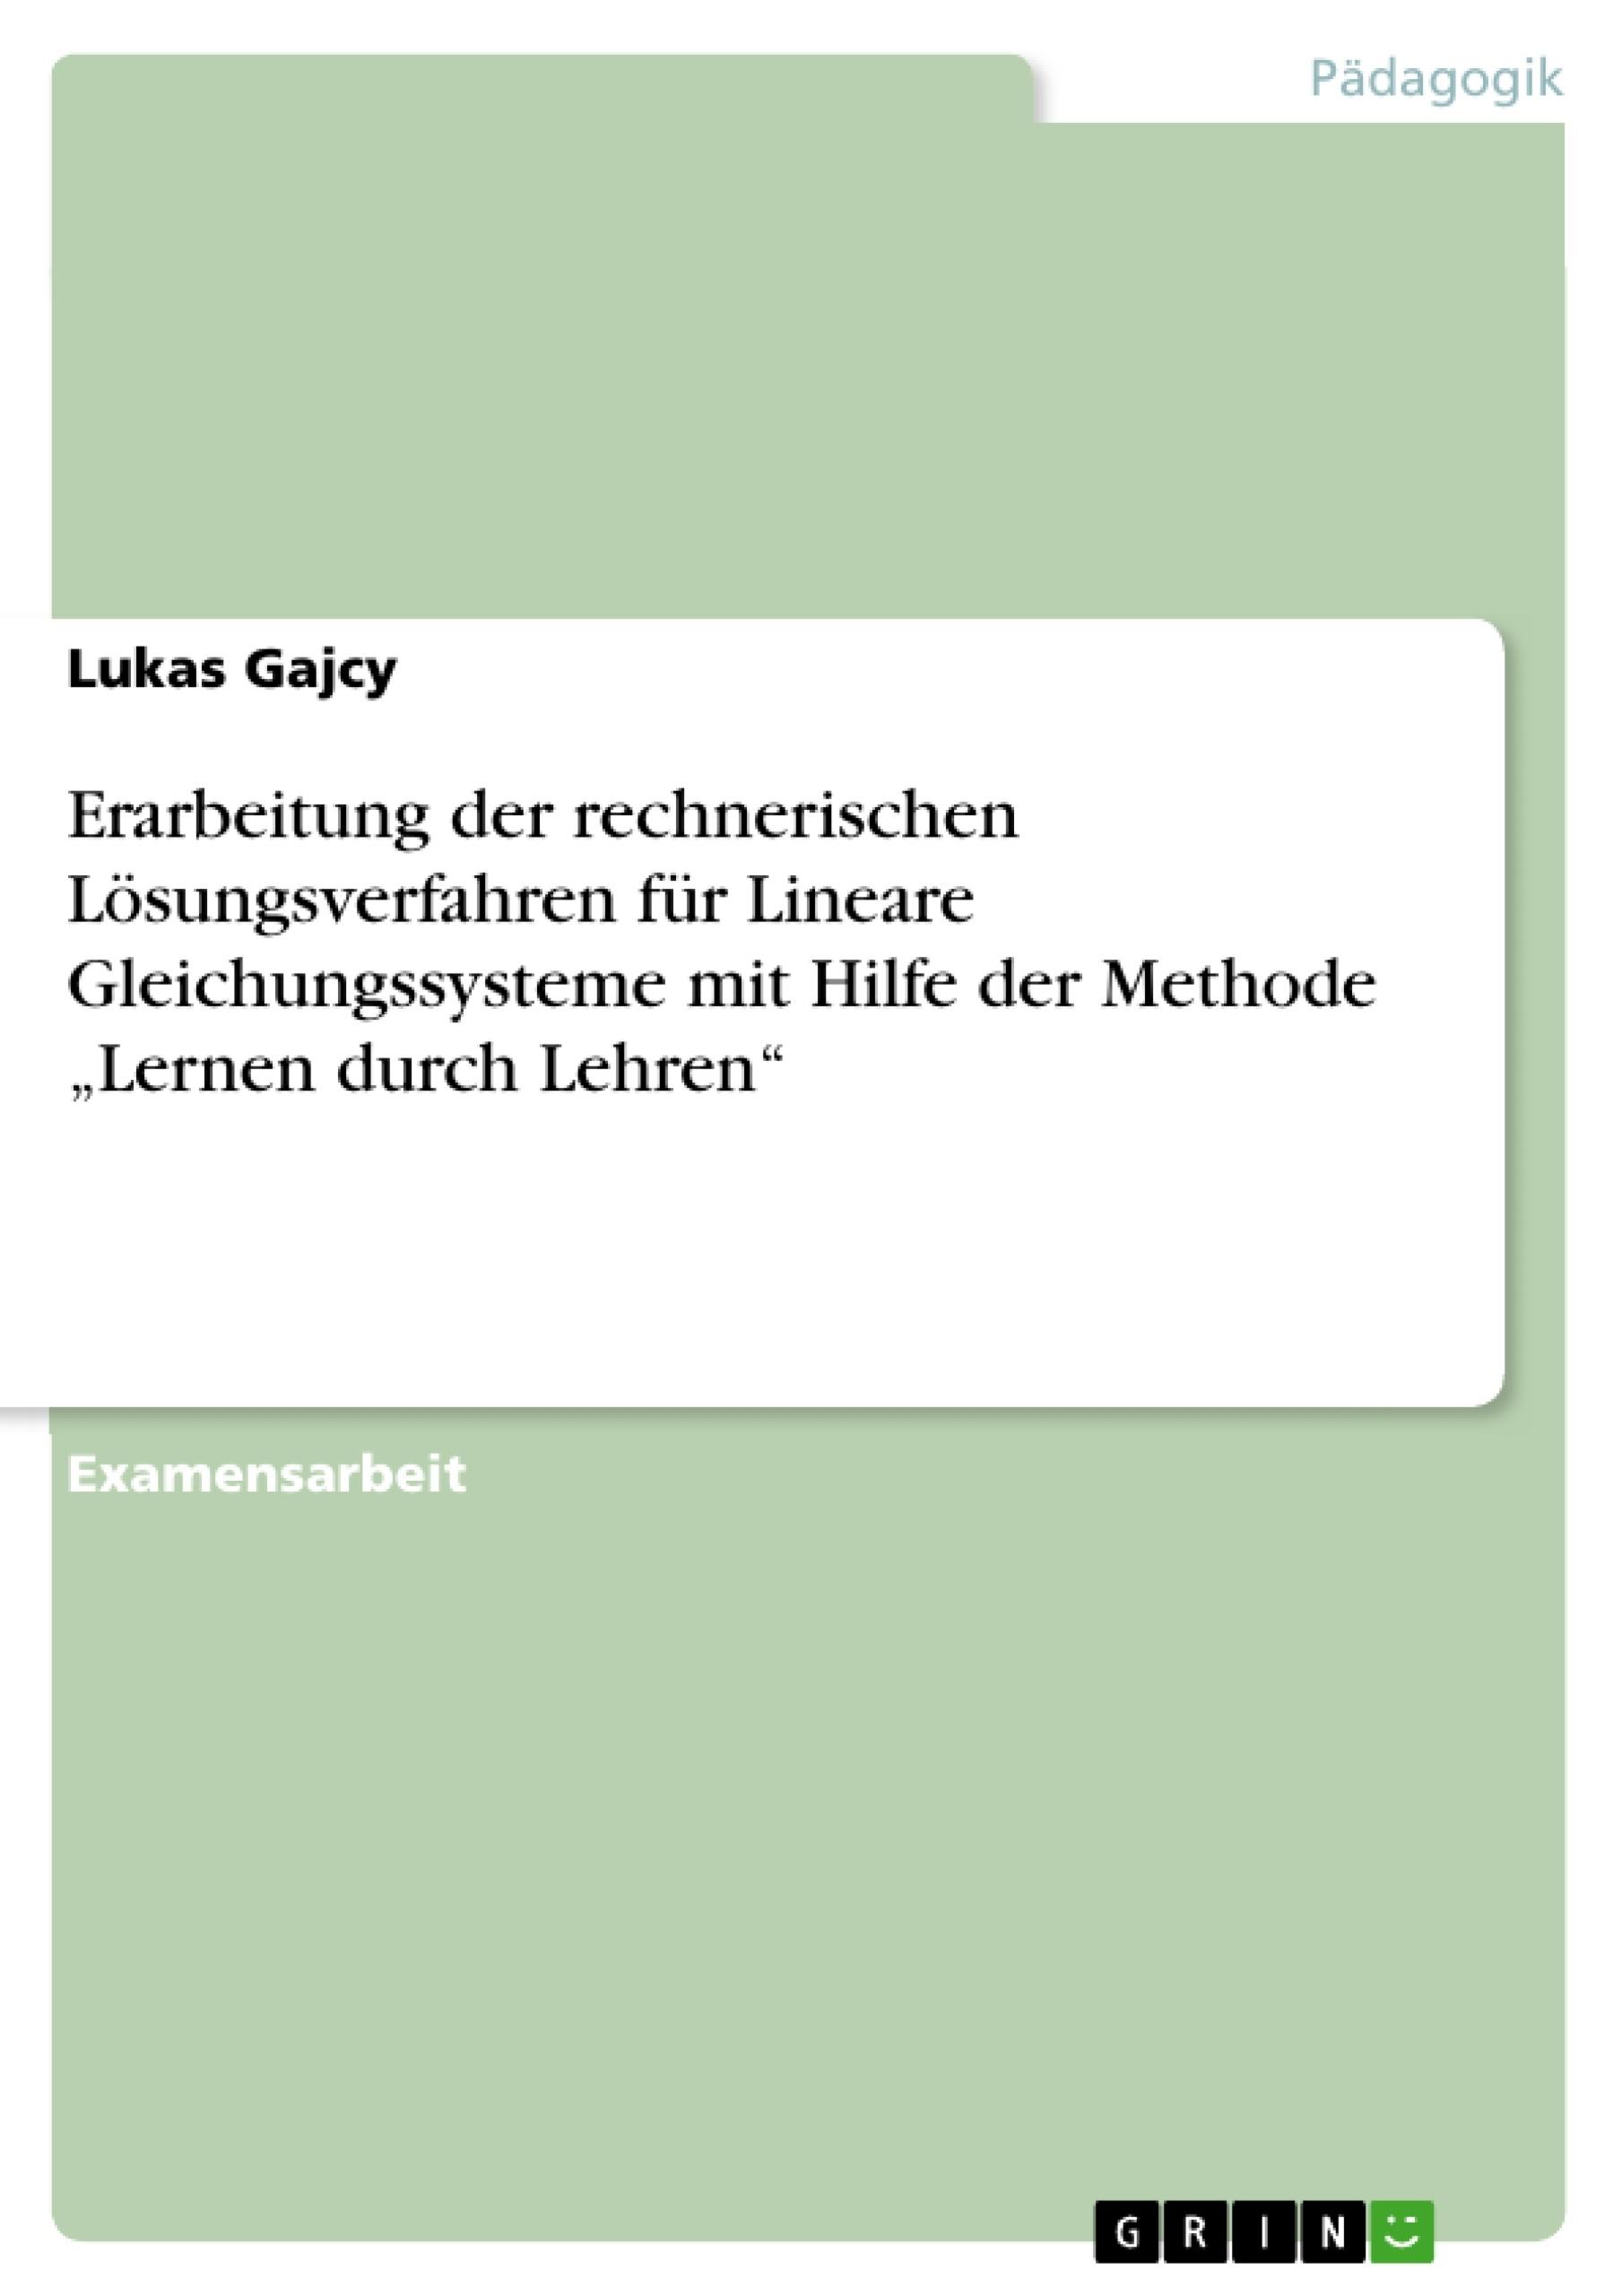 Erarbeitung der rechnerischen Lösungsverfahren für Lineare ...